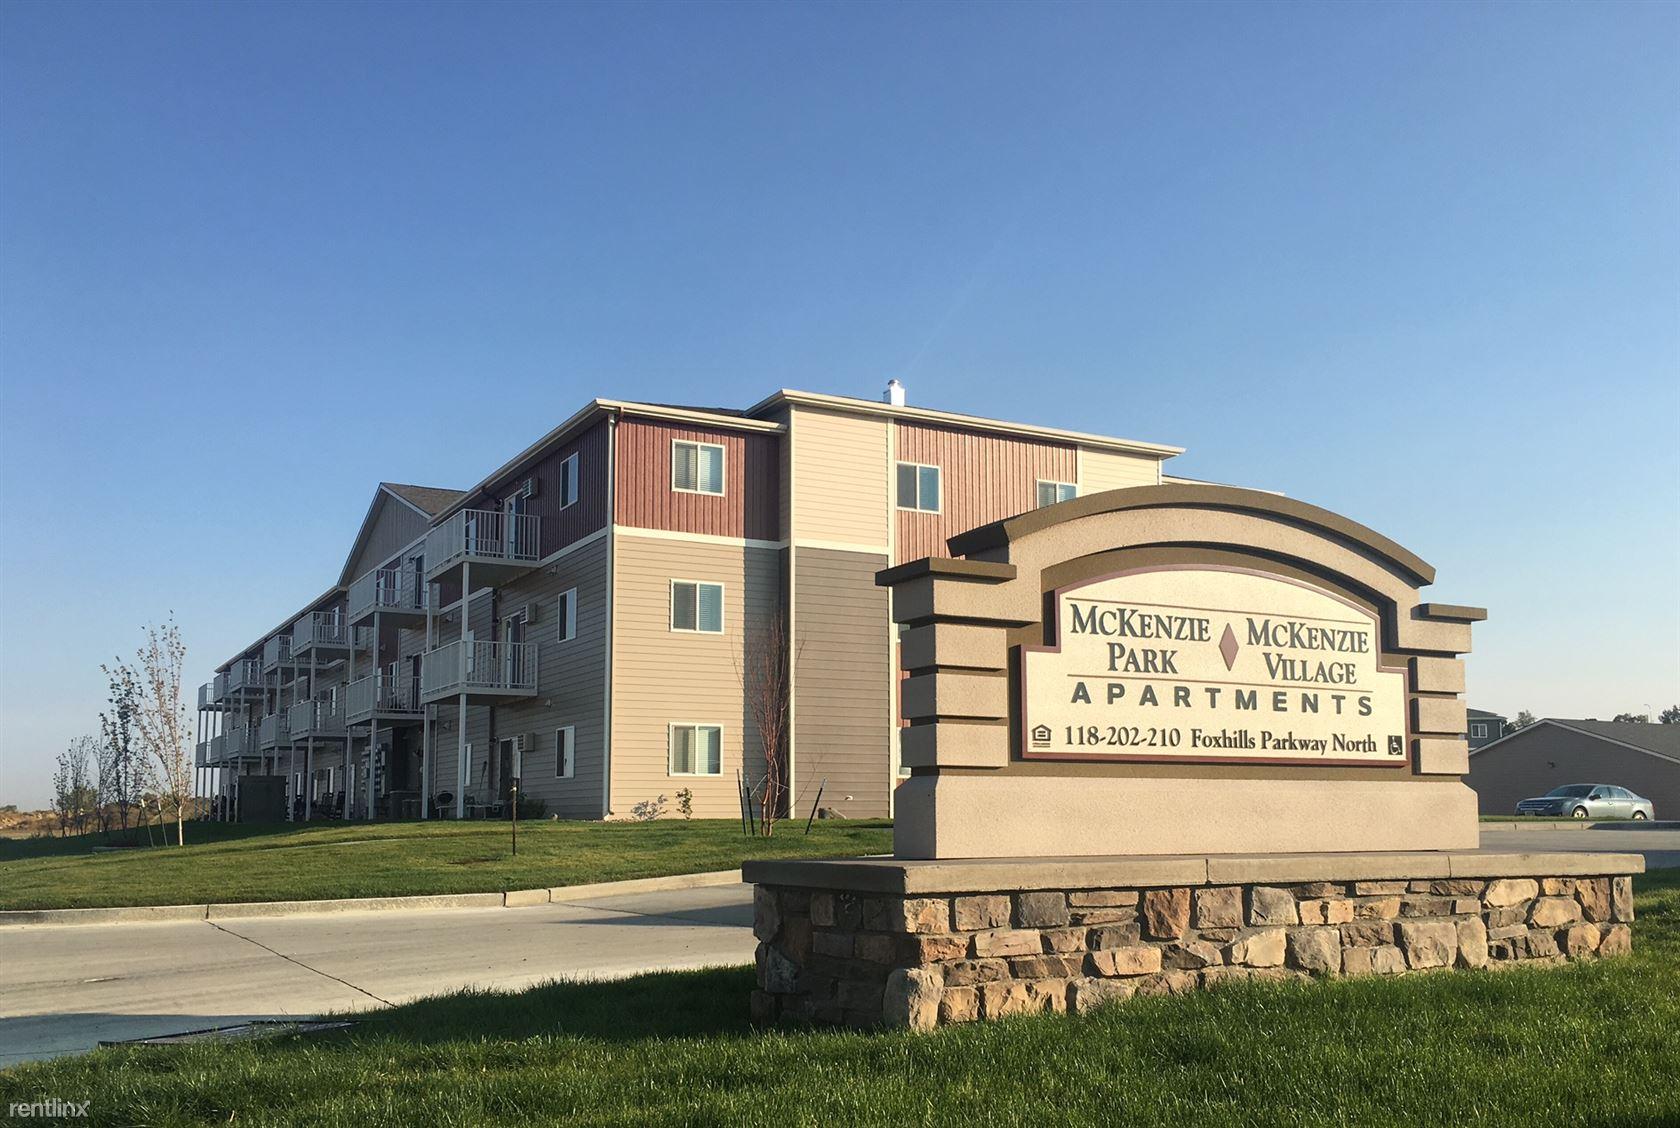 $399 - $499 per month , 118 Fox Hills Pkwy N, McKenzie Village Senior Apartments